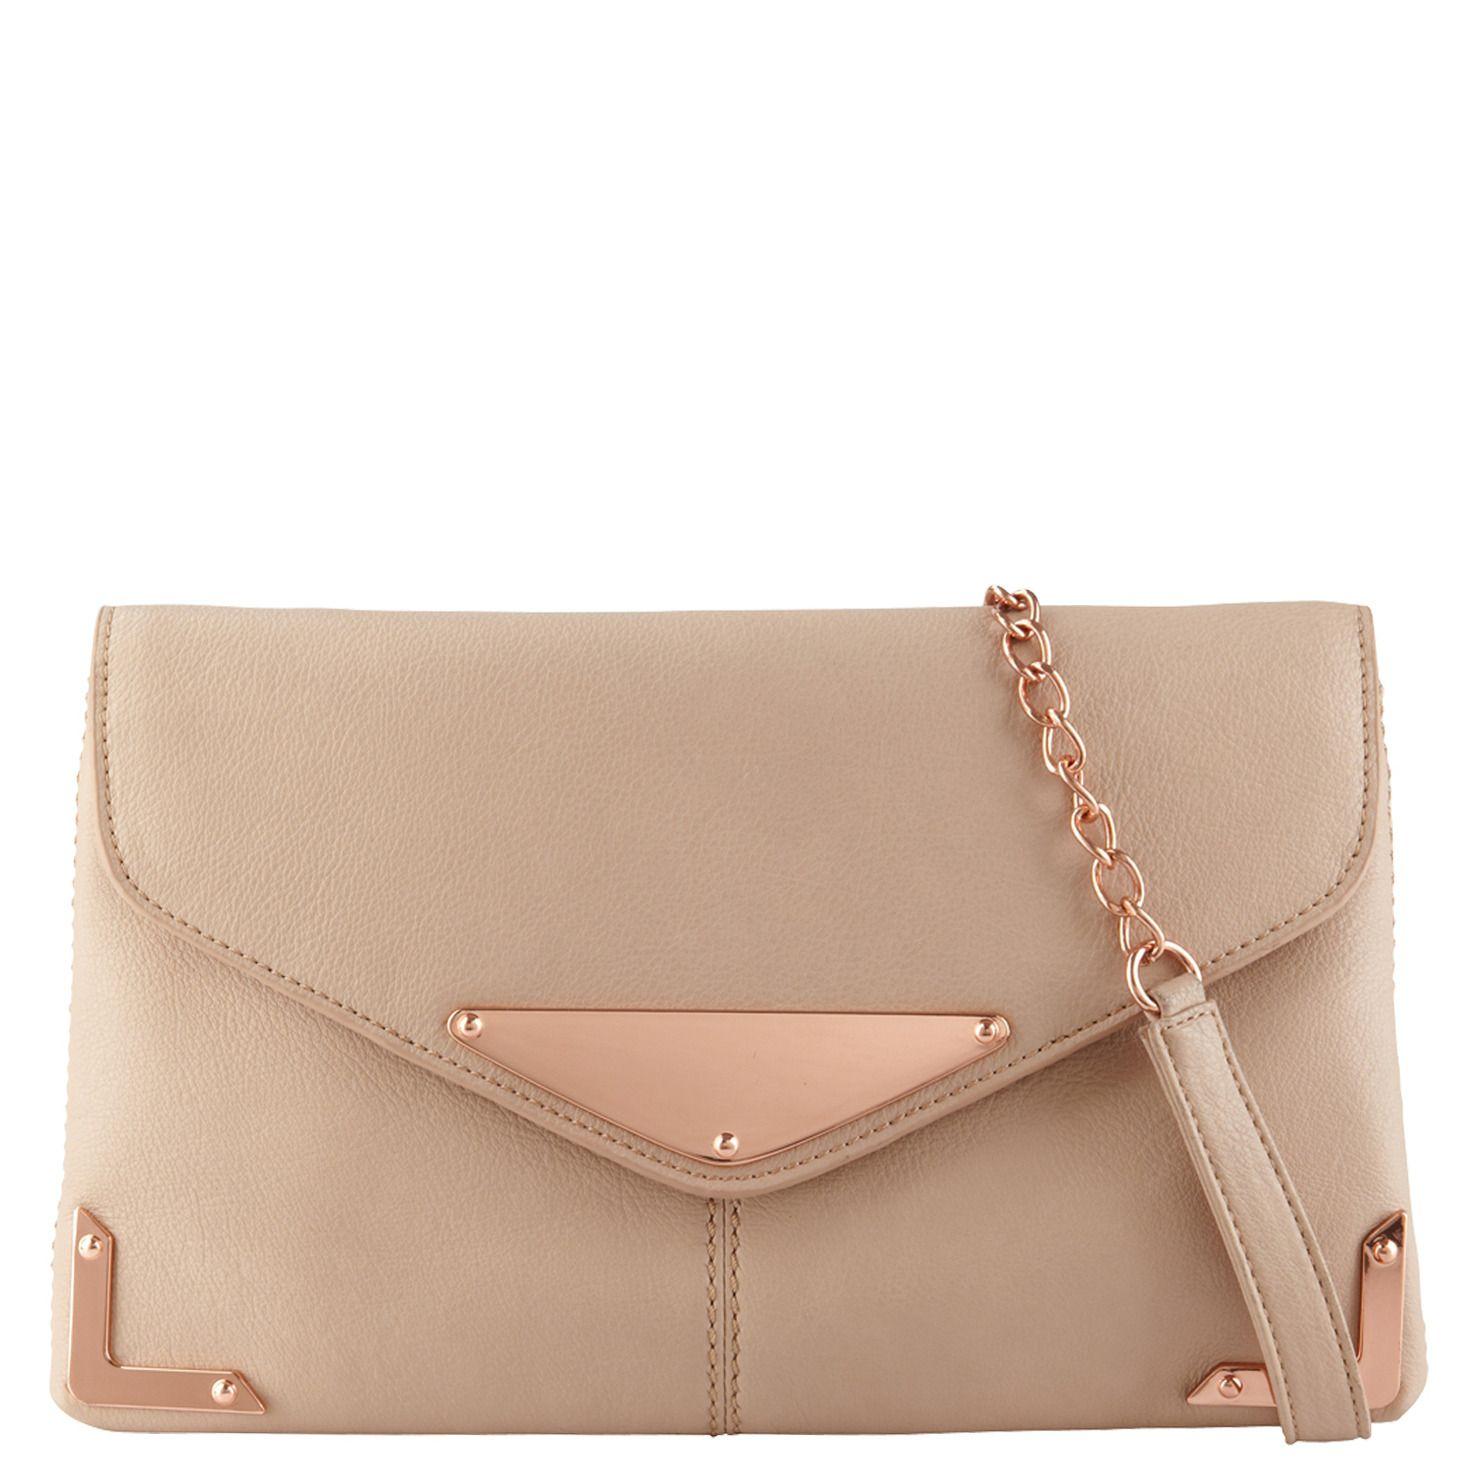 Aldo Paduano Clutch Shoulder Bag W Rose Gold Hardware